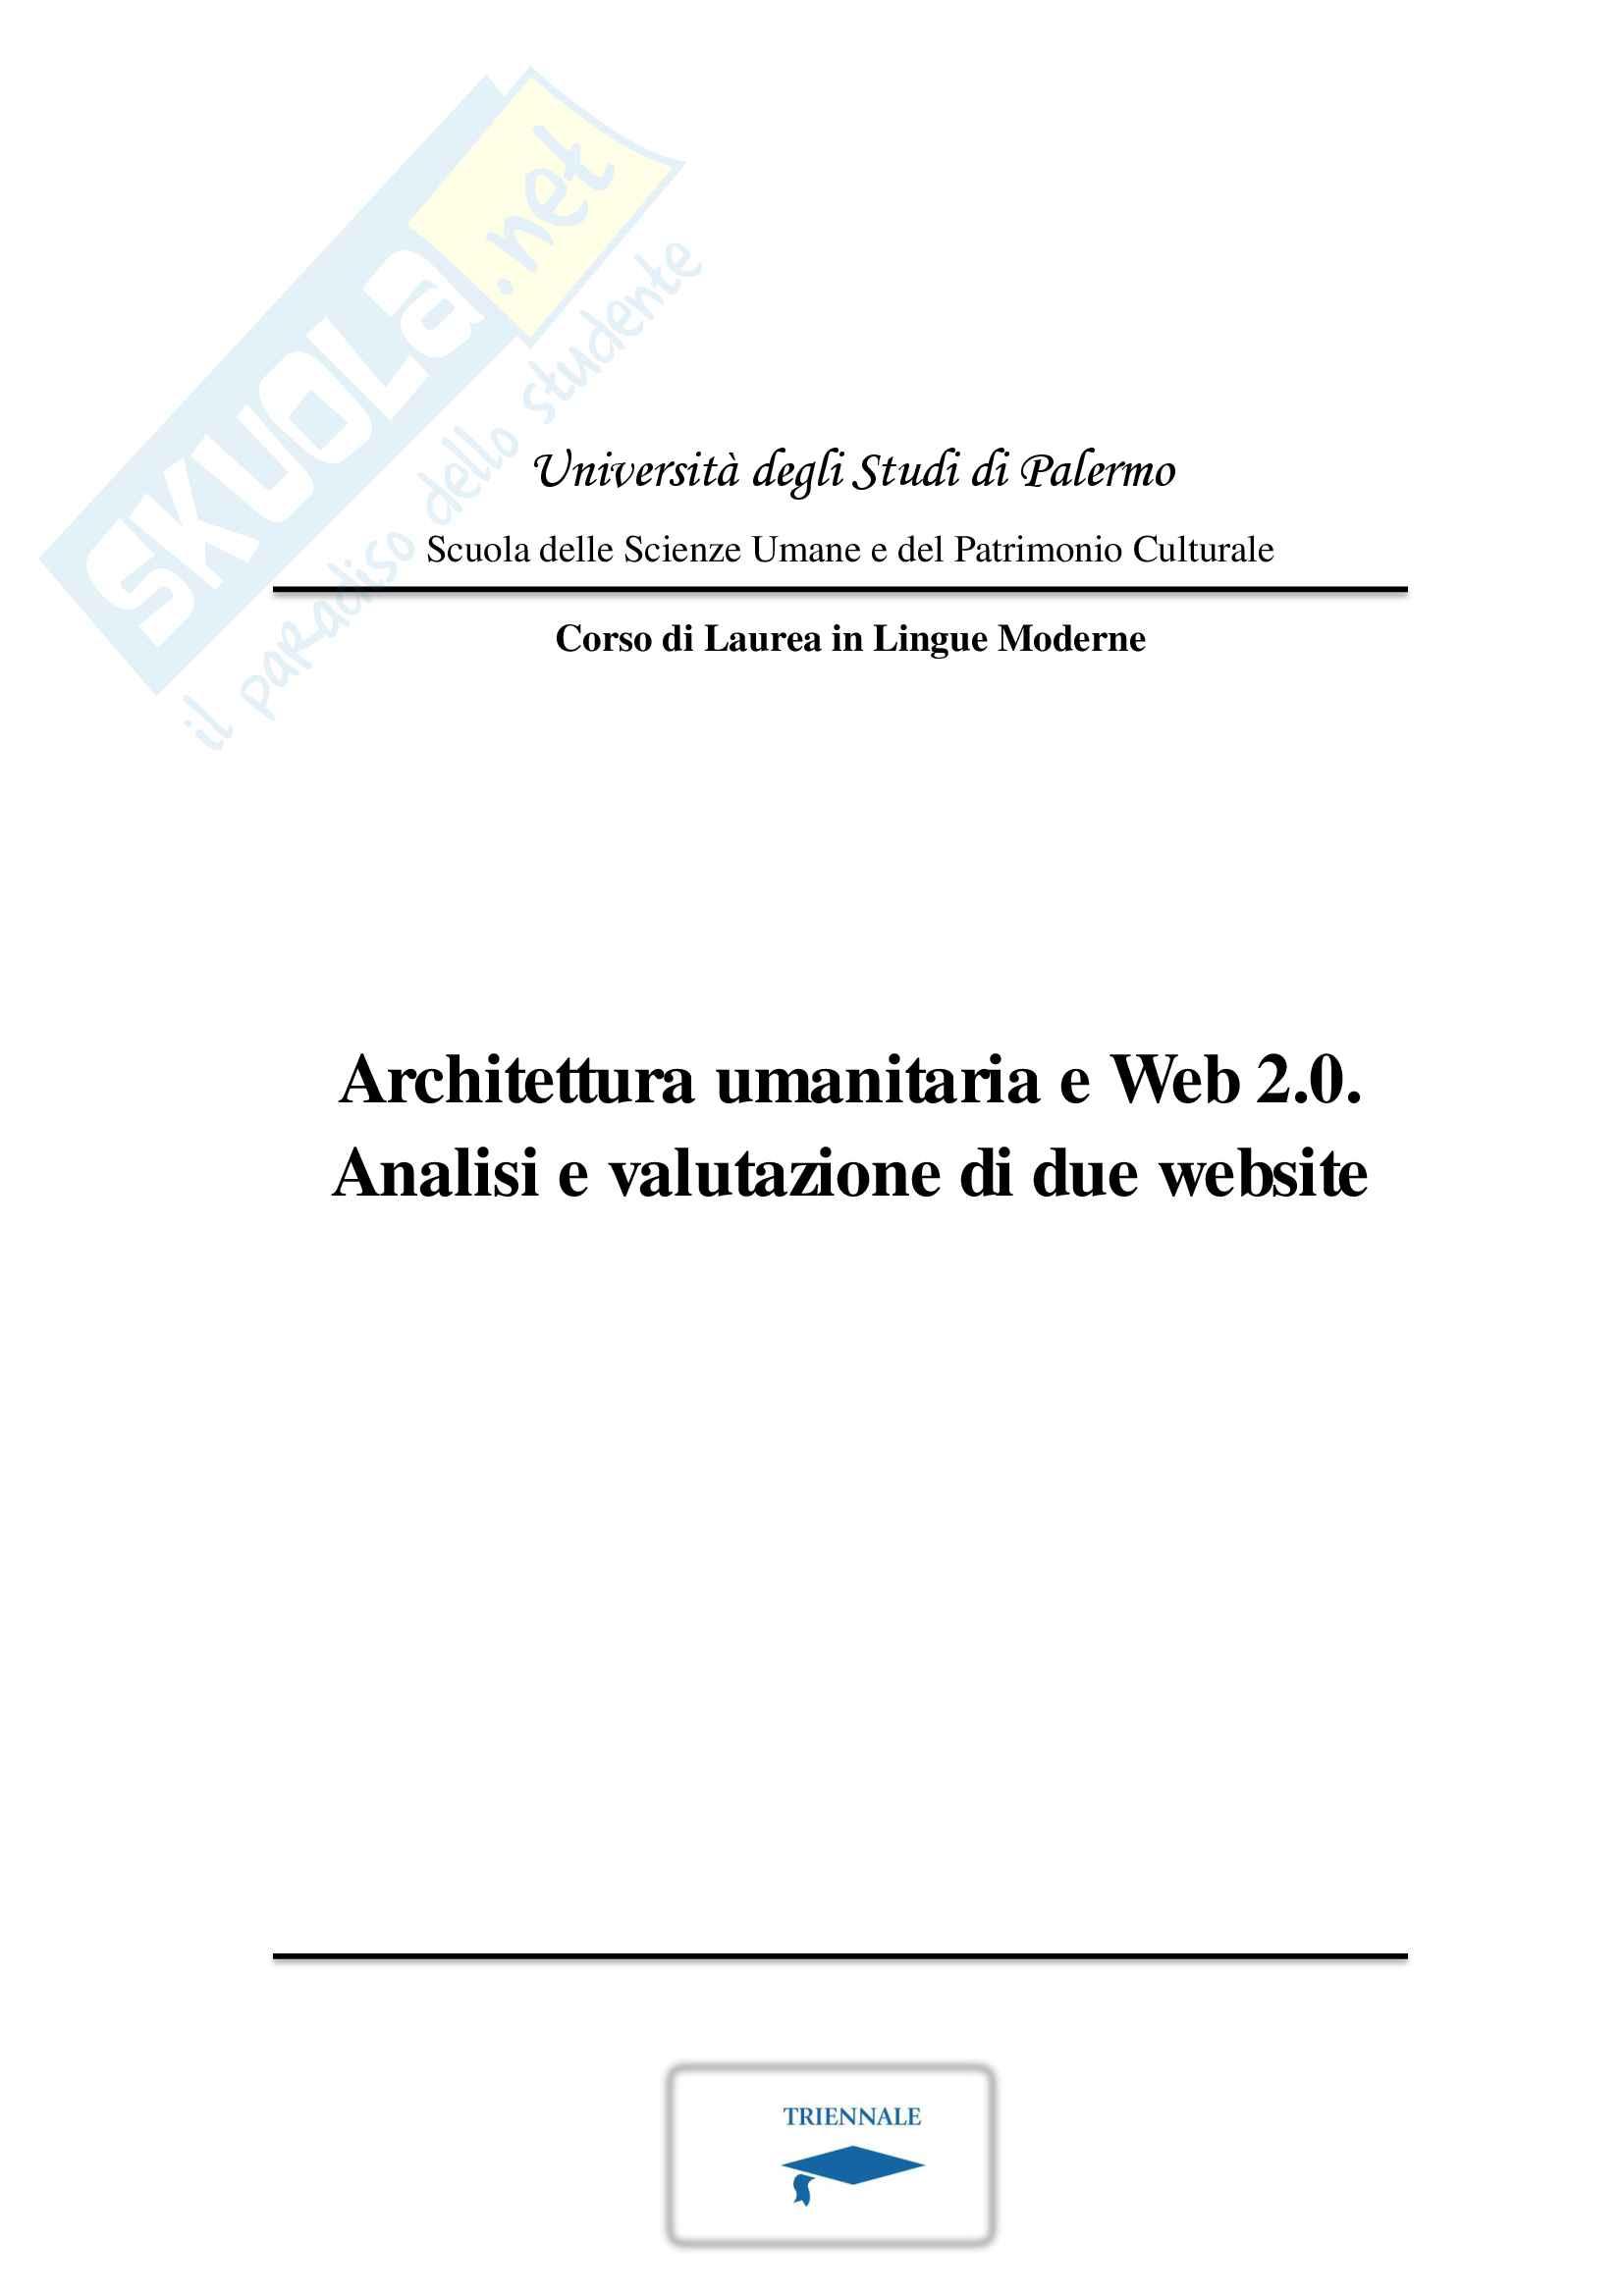 Architettura Umanitaria e Web 2.0: analisi di due siti web (web usability e linguistica computazionale)